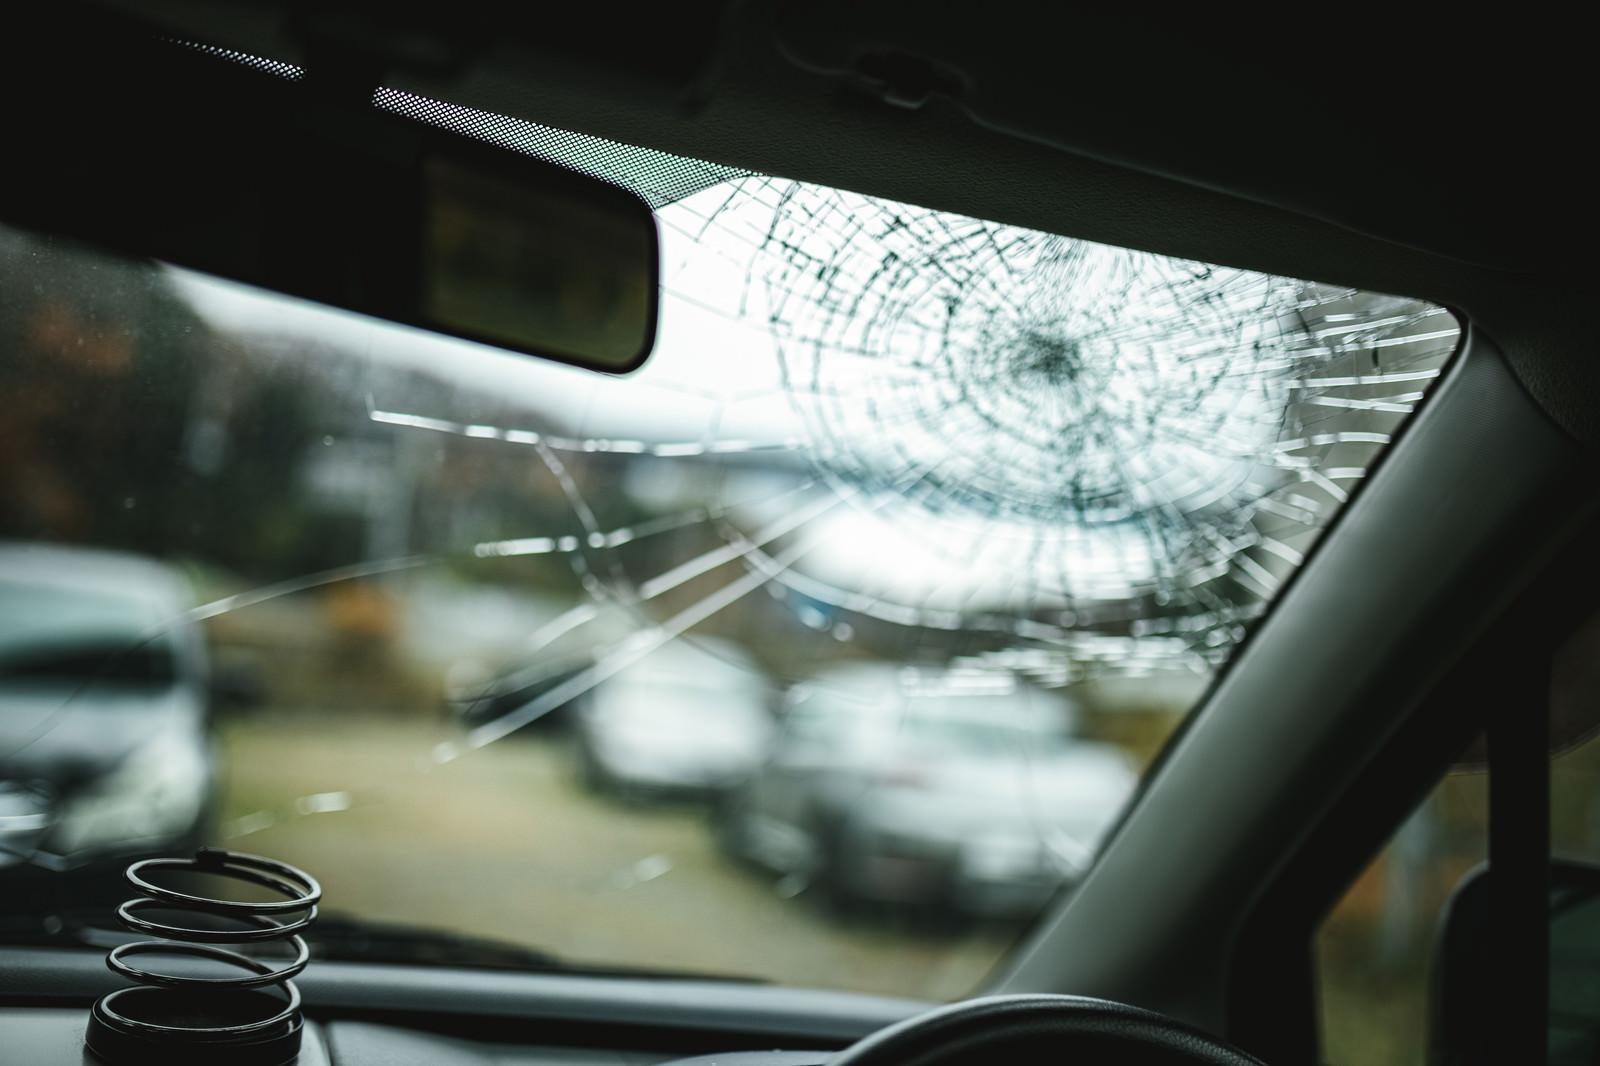 「ゴンって音がしたらフロントガラスが割れていた」の写真